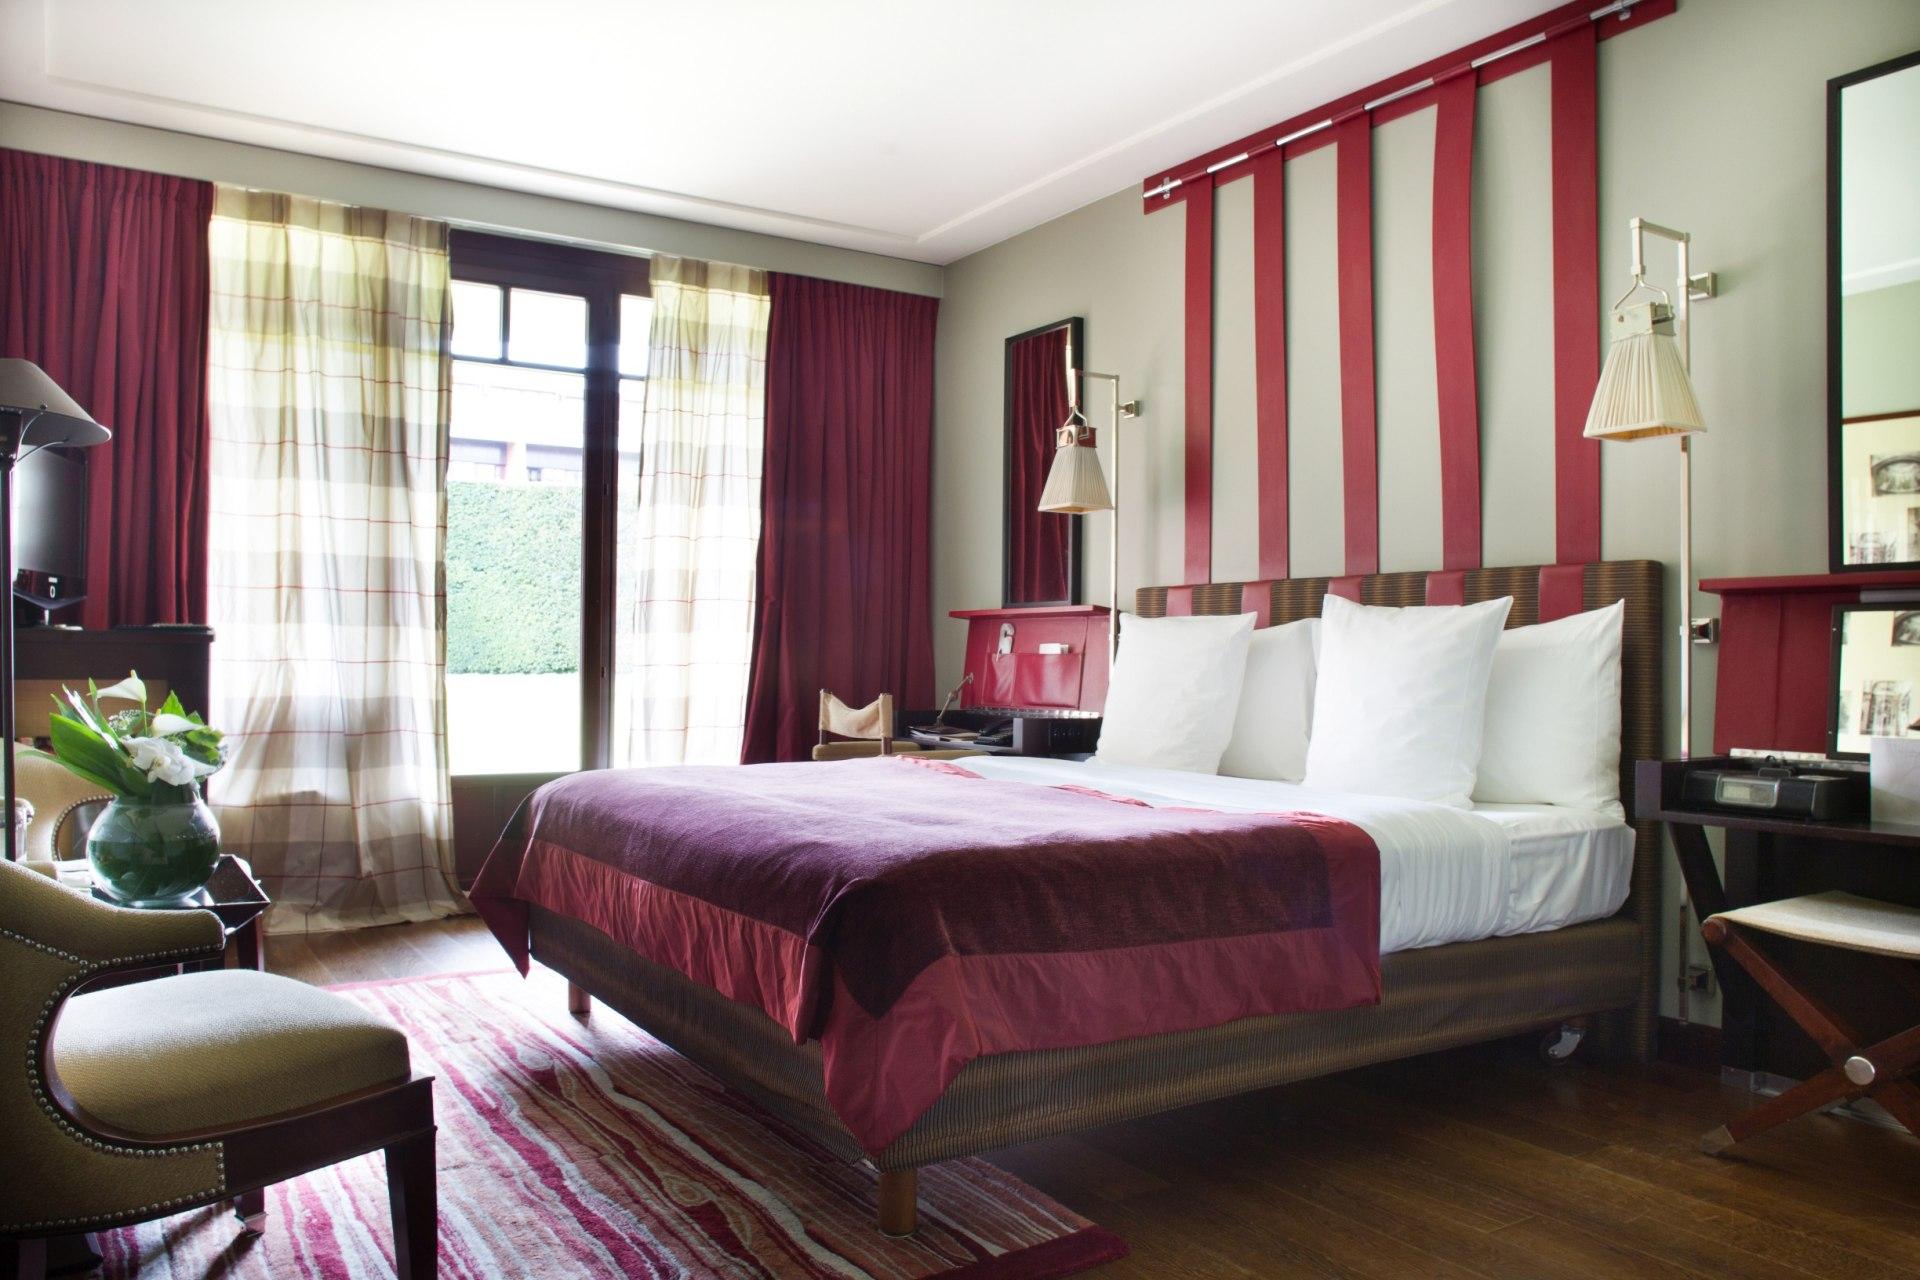 Hotelzimmer des La Reserve Hotels